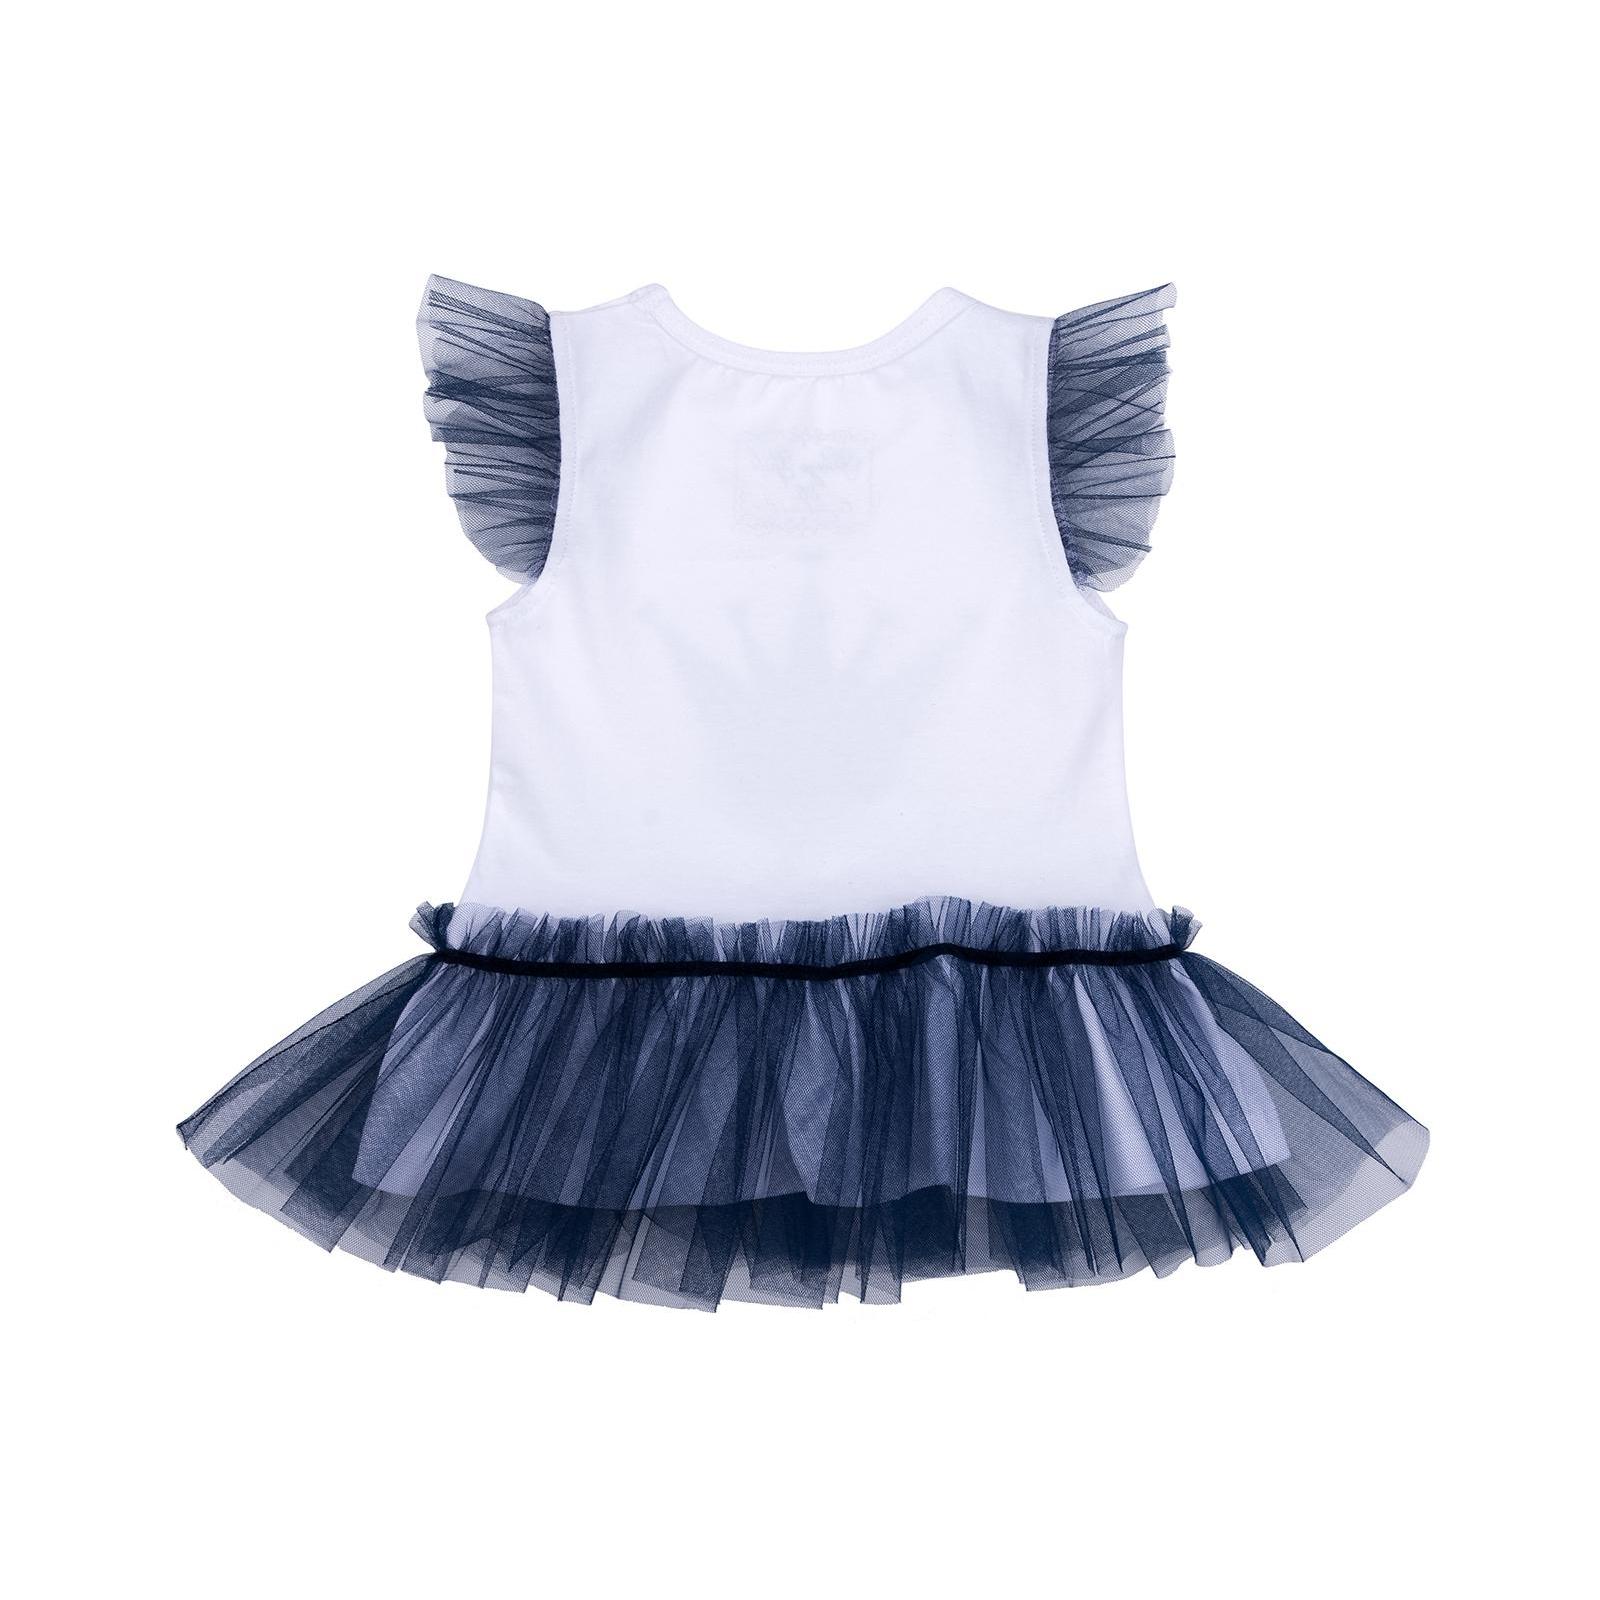 Набор детской одежды Breeze с коронкой (10869-110G-blue) изображение 5